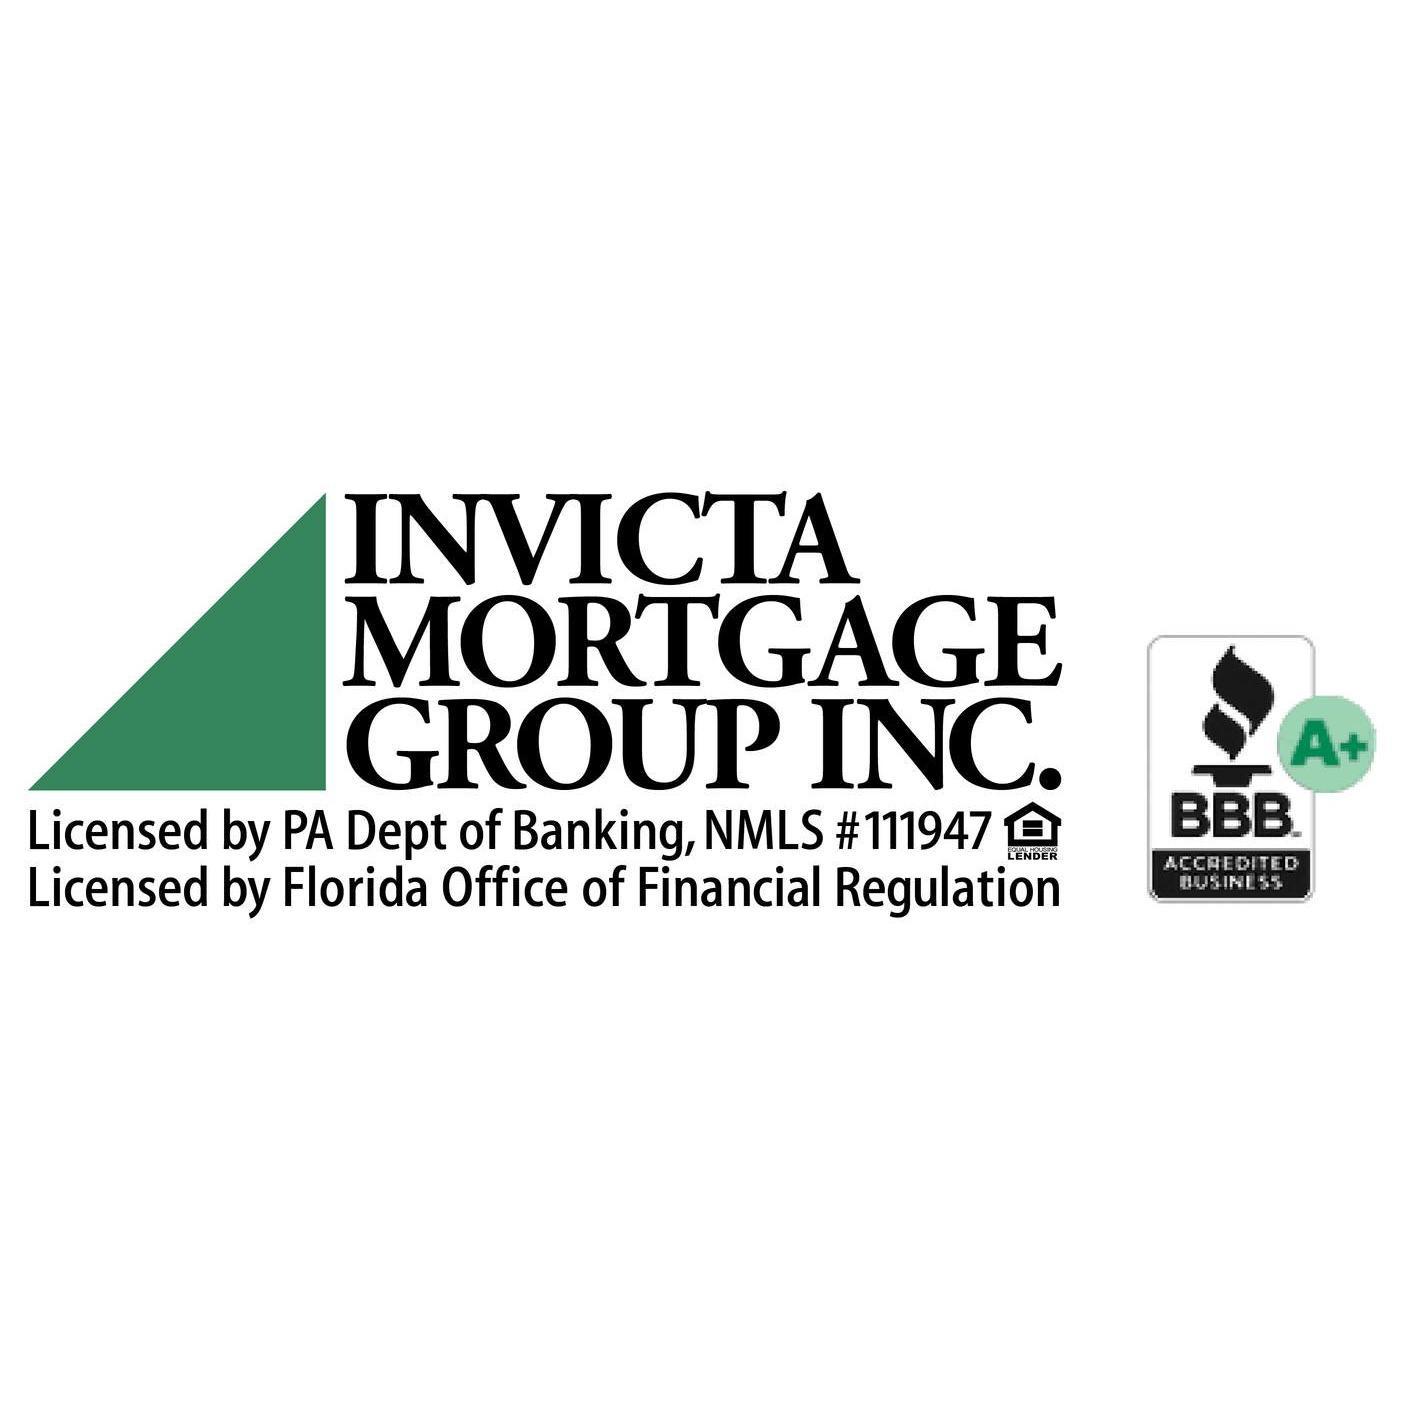 Invicta Mortgage Group, Inc.